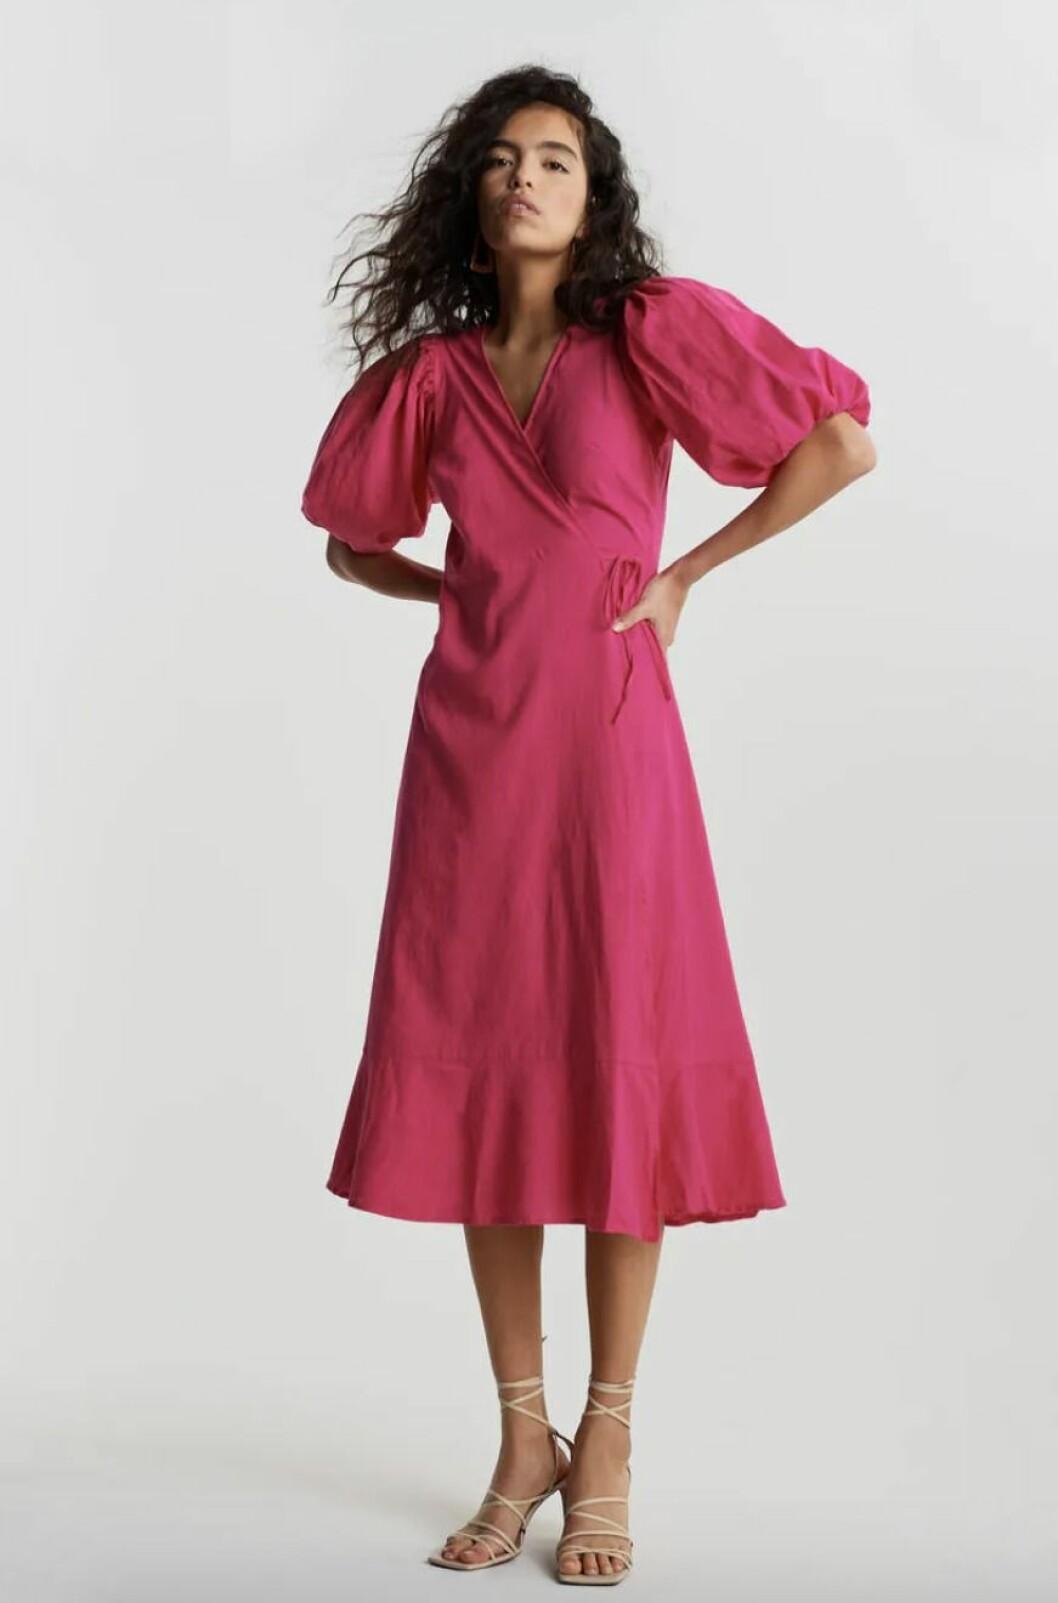 Rosa omlottklänning för dam till sommaren 2020